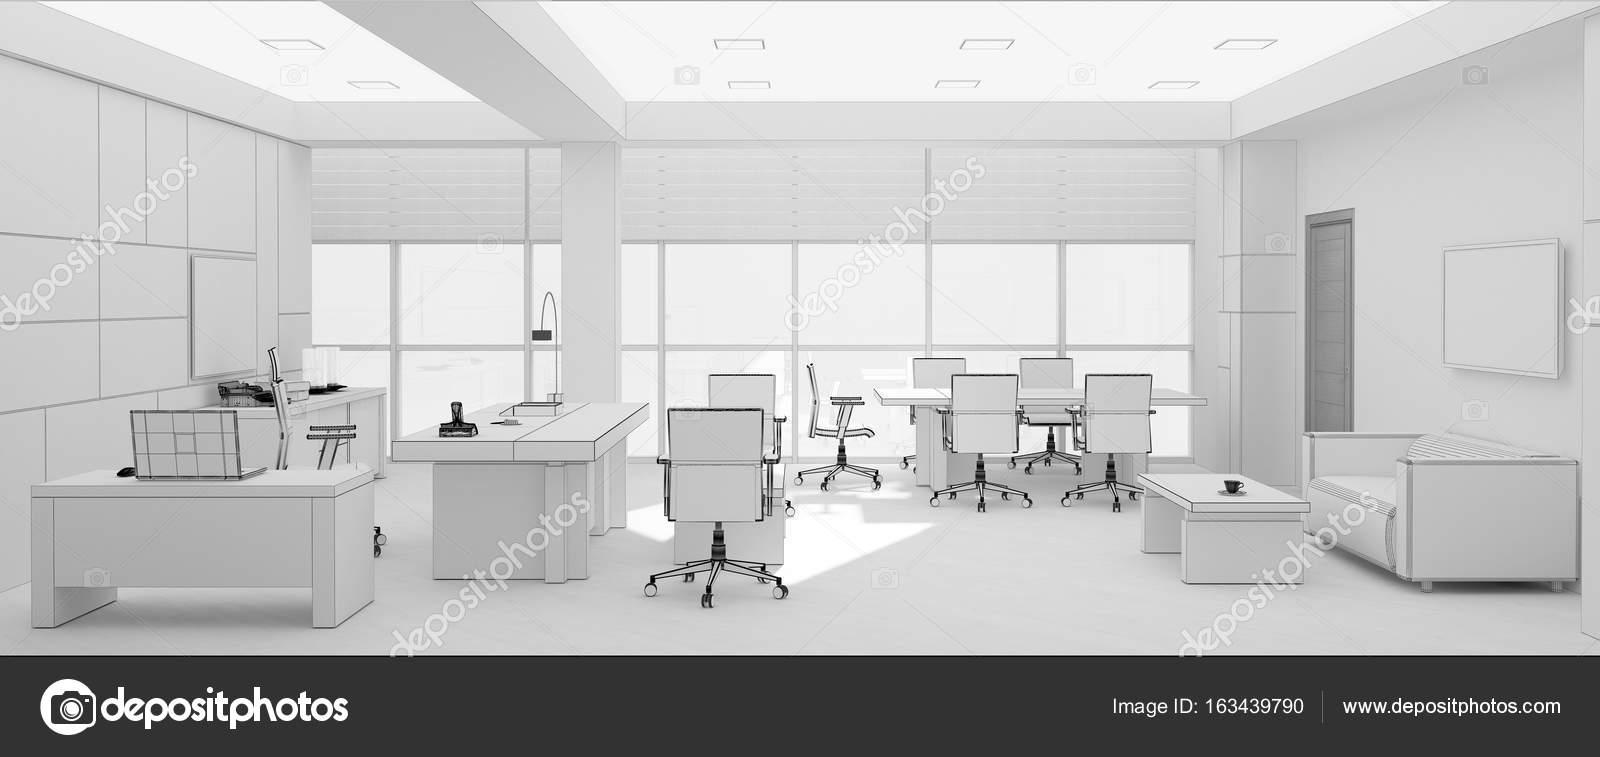 Render 3d Y Vip Oficina Mueble Rejilla Foto De Stock  # Muebles Rejilla